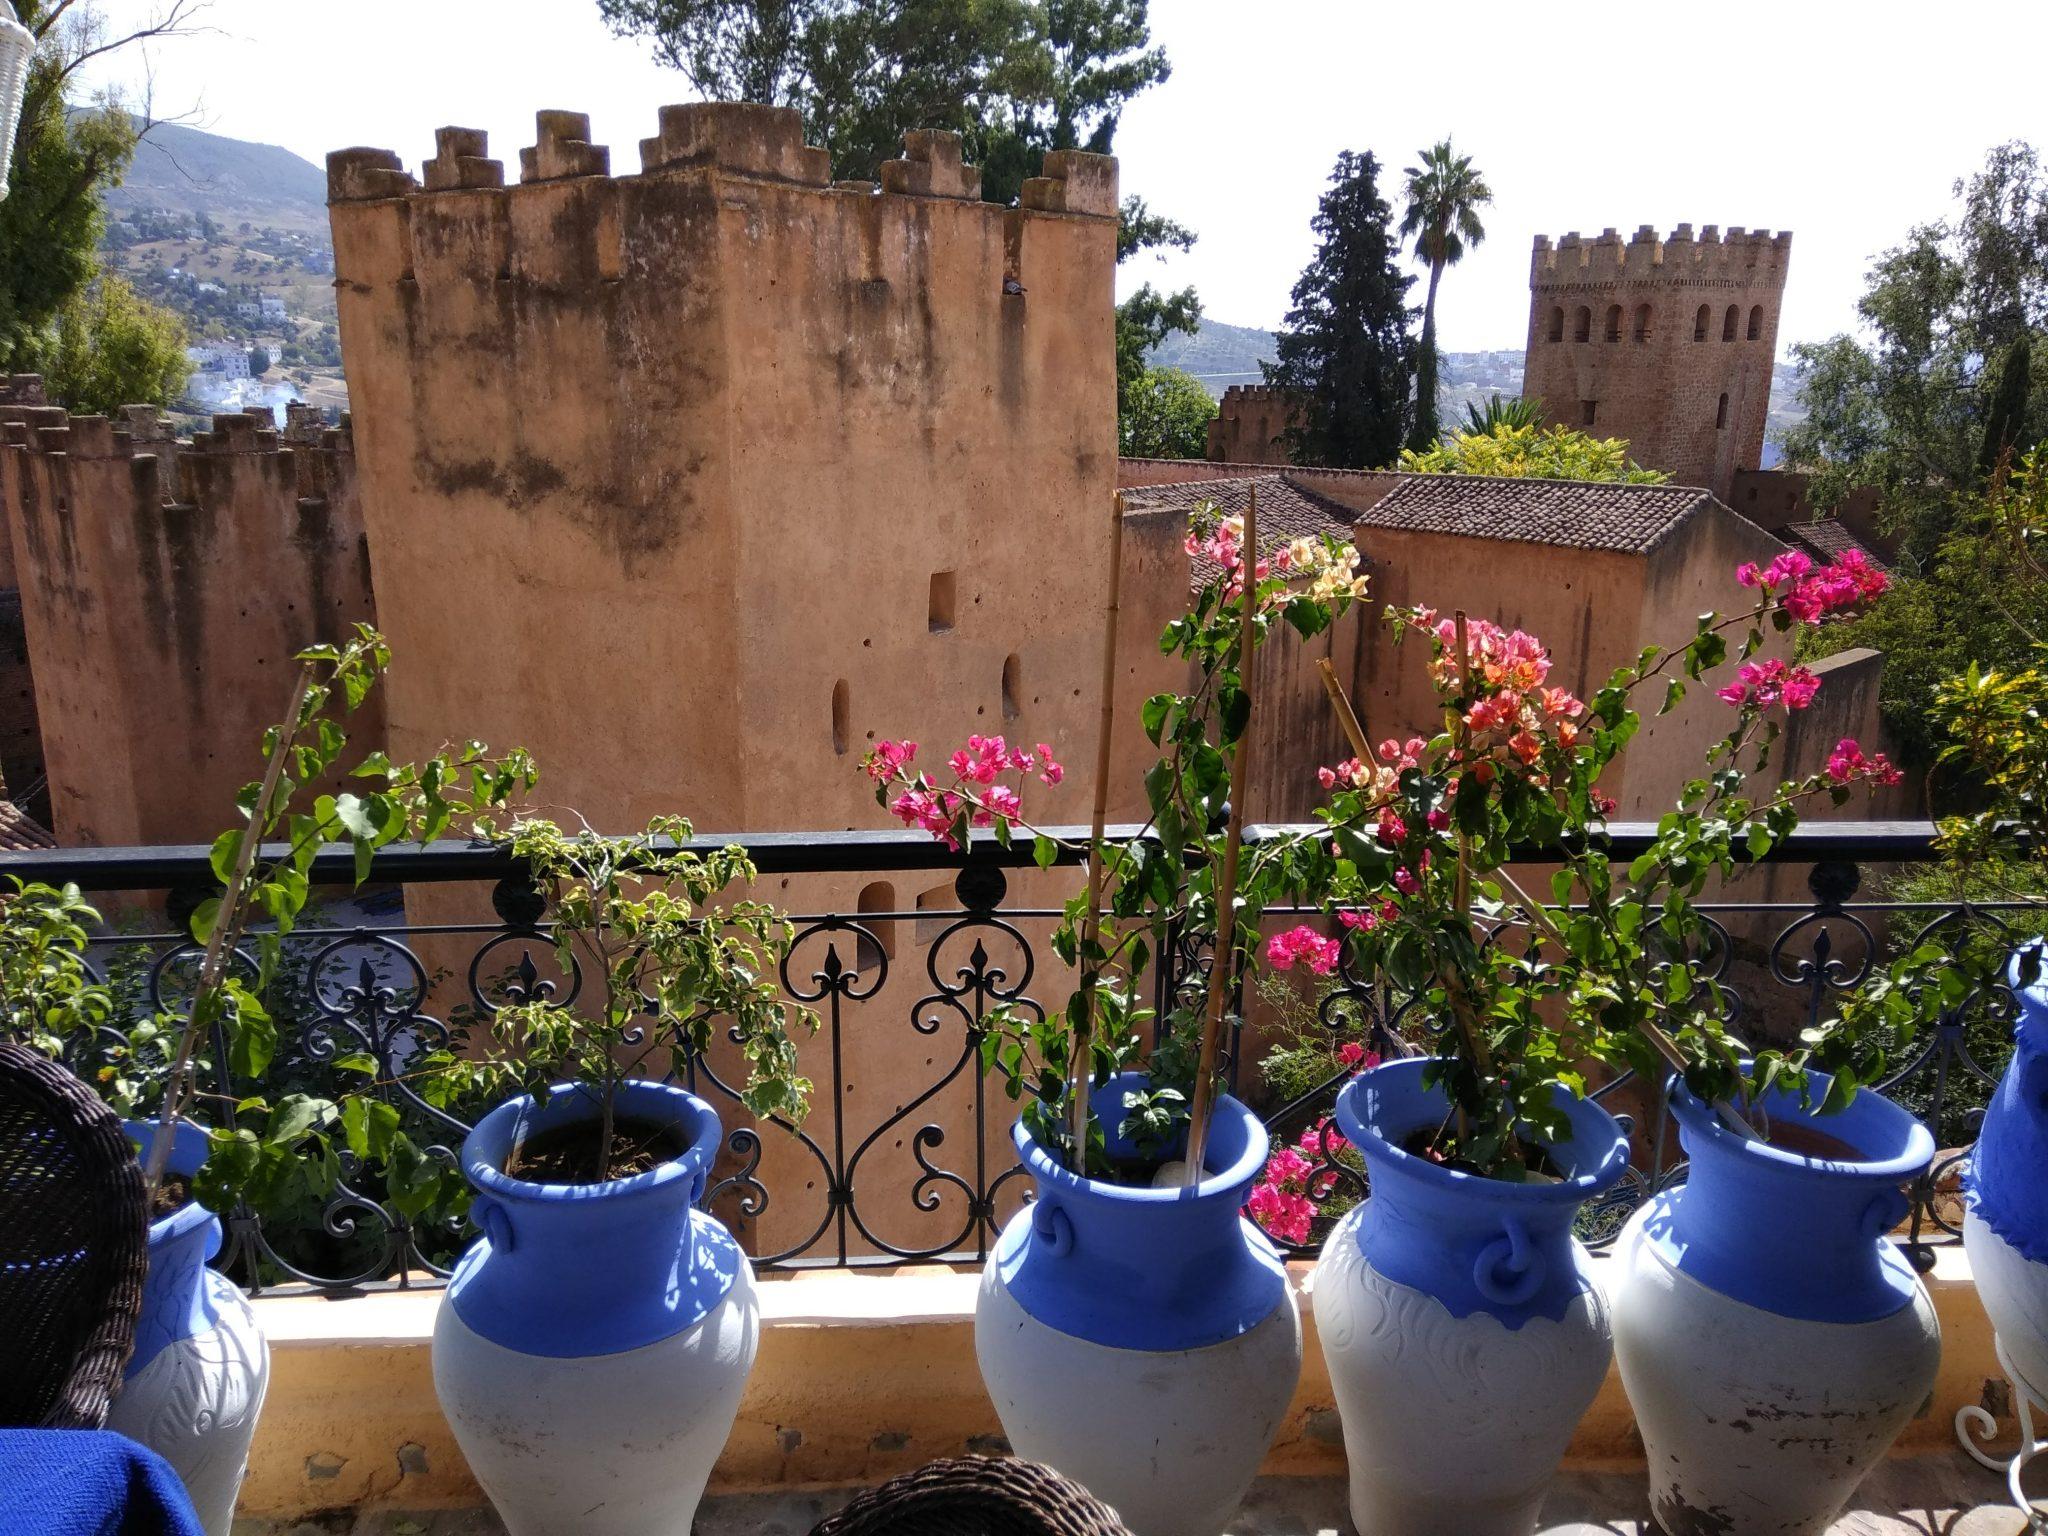 Img post Vista medina. Qué saber antes de viajar a Marruecos- Pasaporte y Millas